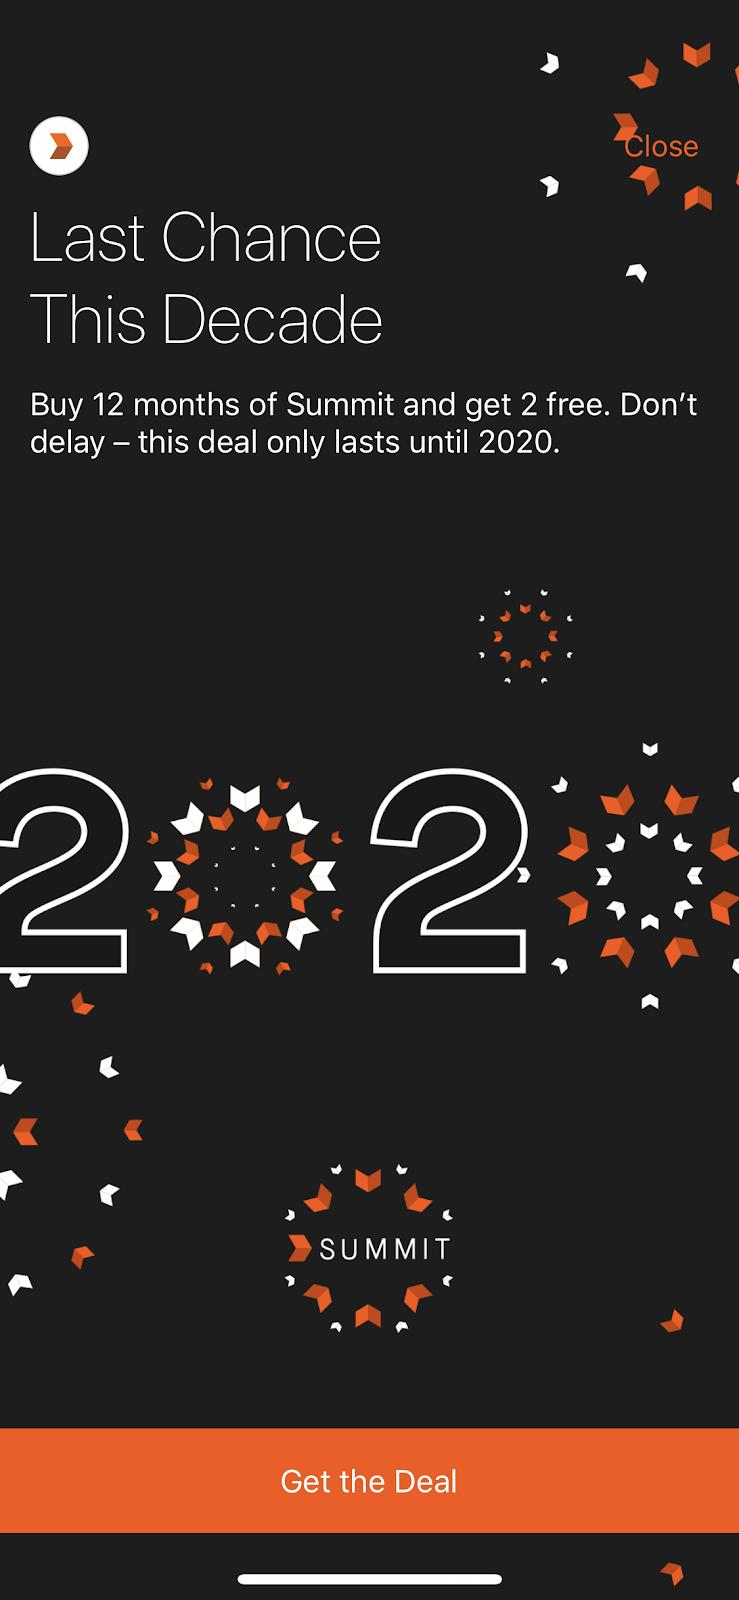 strava running app last 2 months free premium mobile app upgrade prompt